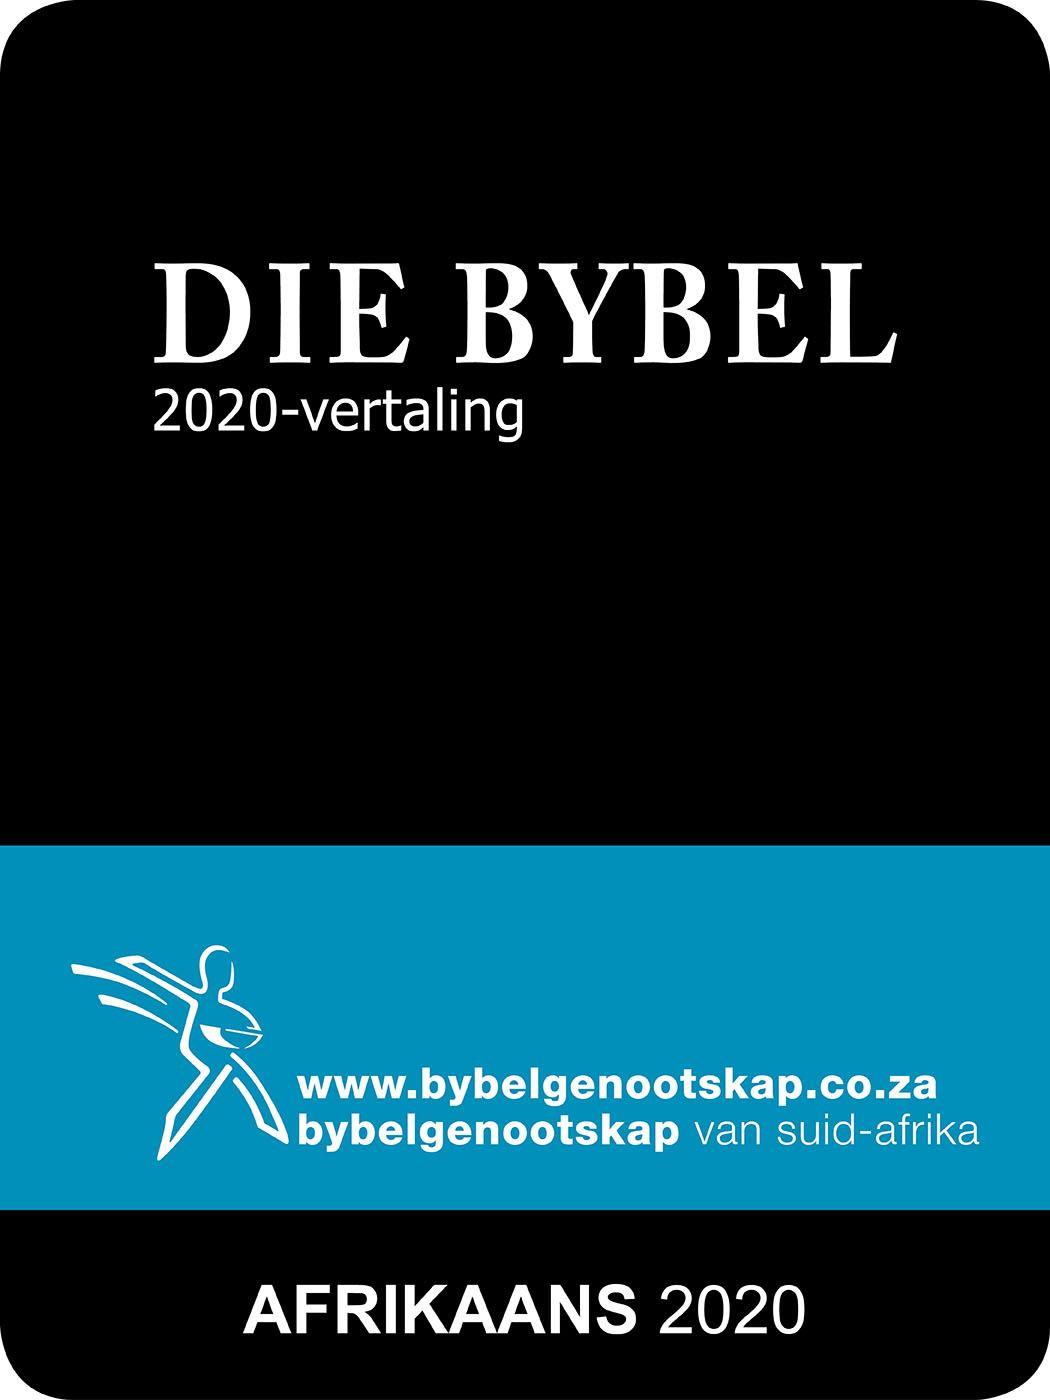 Die Bybel 2020-vertaling